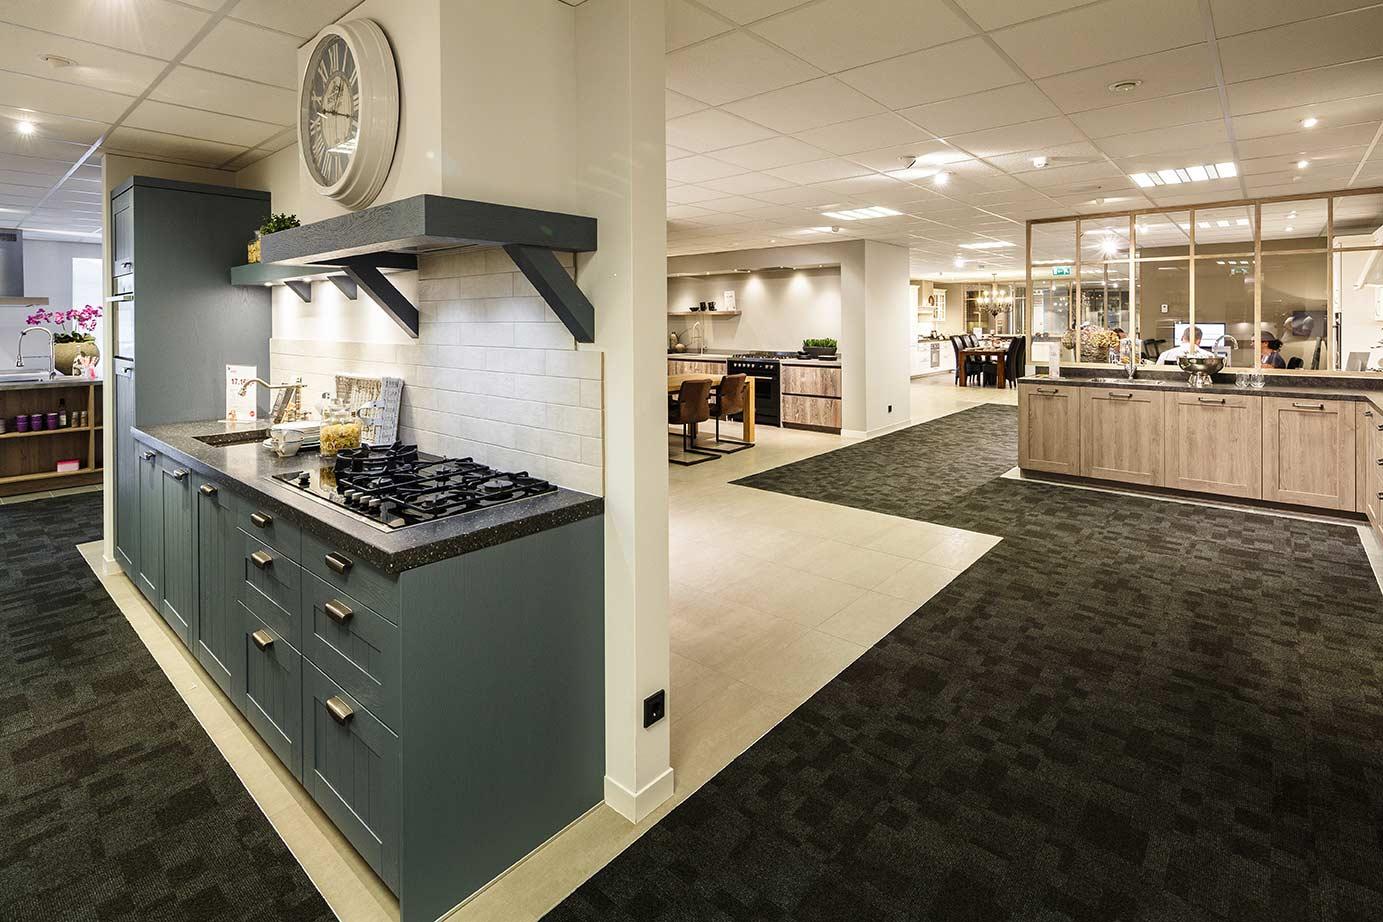 Keuken Kosten Berekenen : Keuken prijs berekenen badkamer bereken nieuwe inspirerende